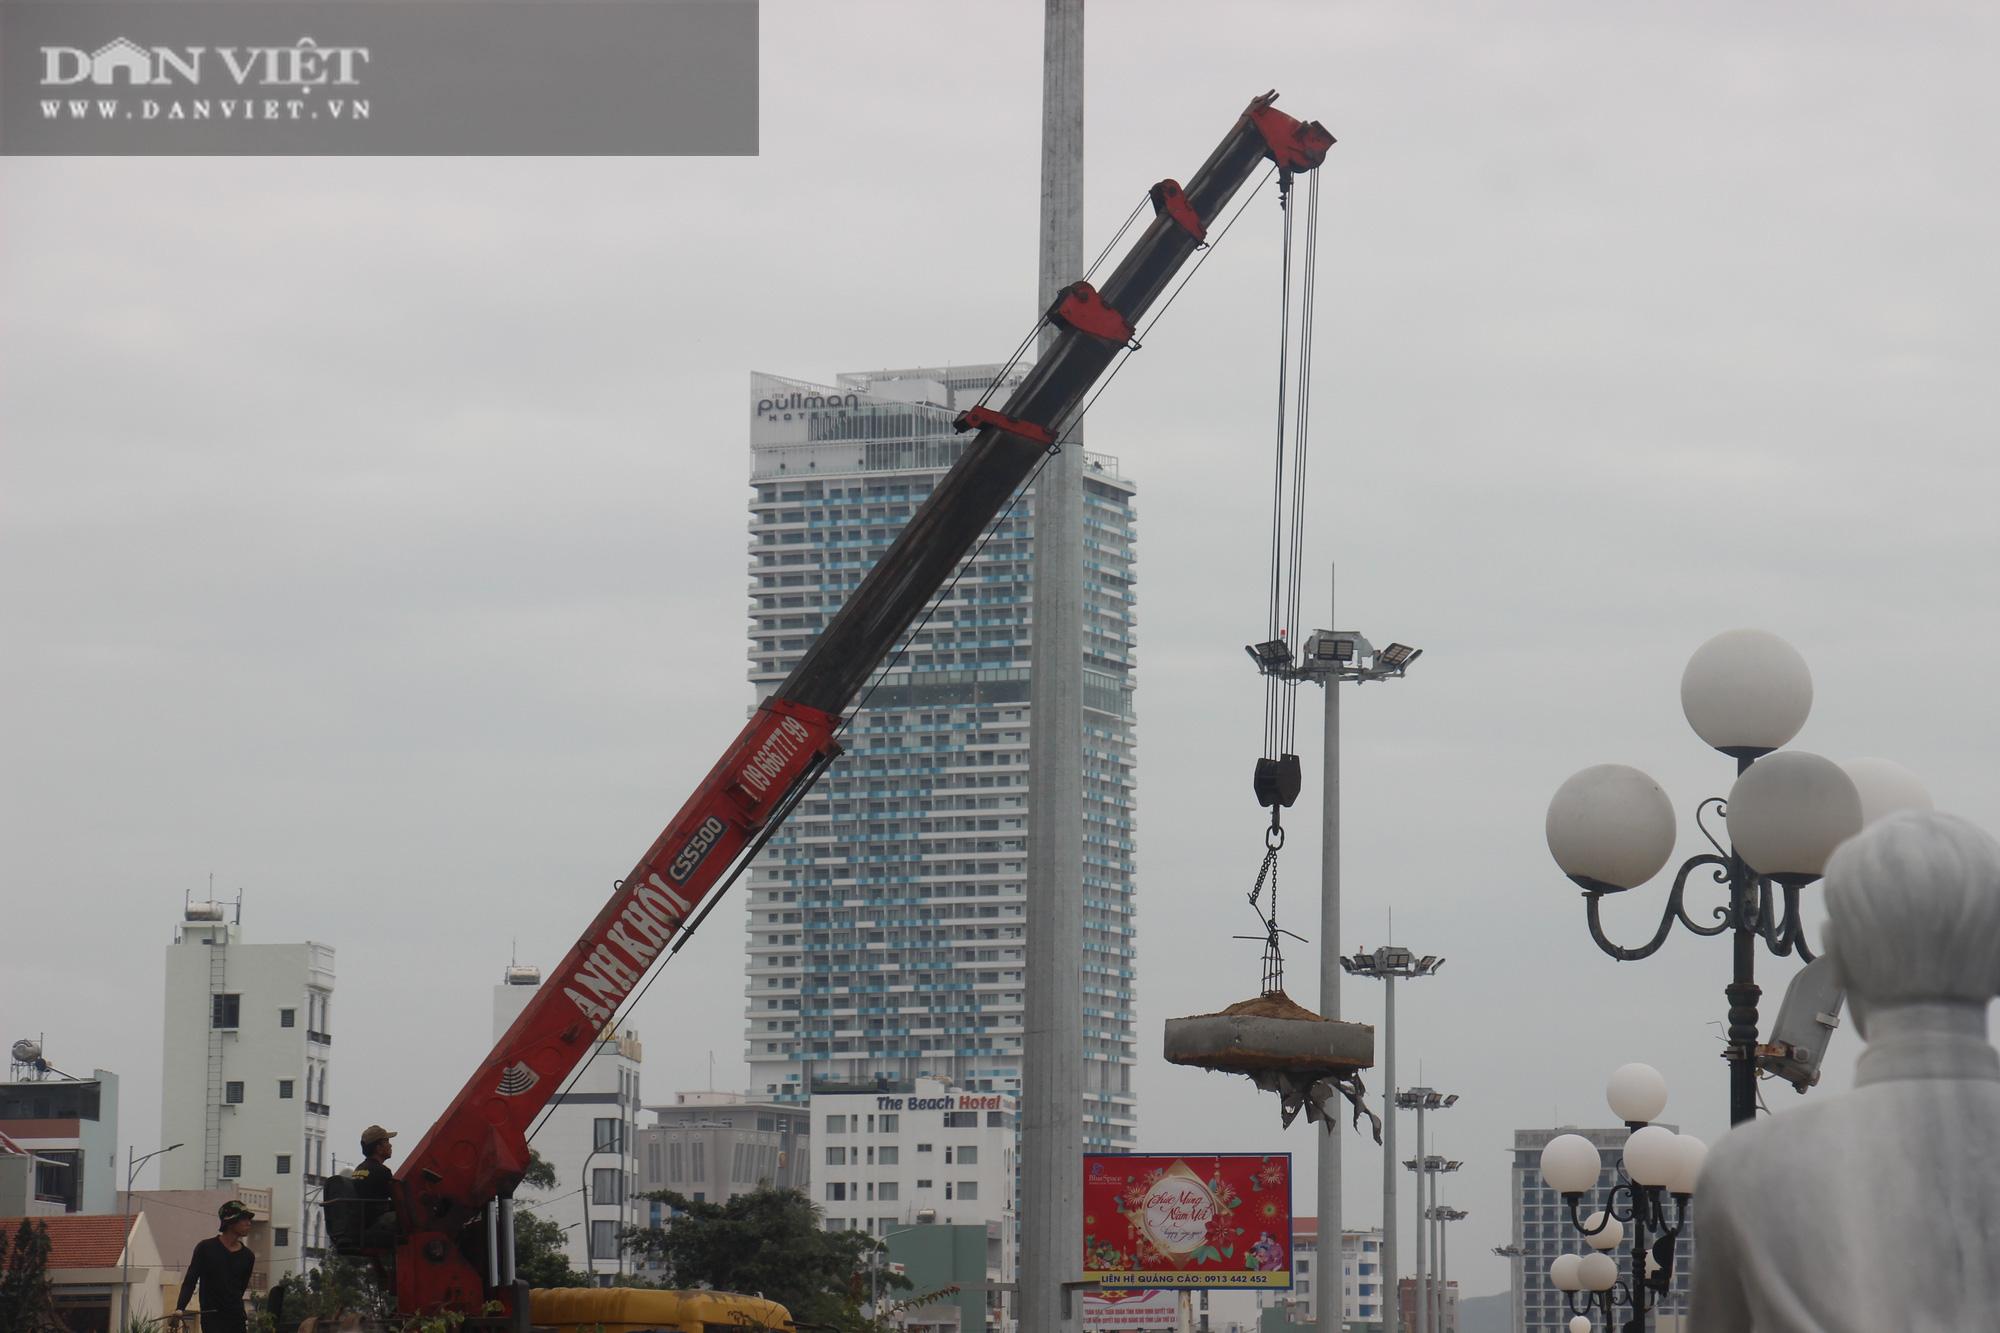 Cận cảnh cẩu 65 móng trụ bê tông không phép rời khỏi bãi biển Quy Nhơn - Ảnh 9.